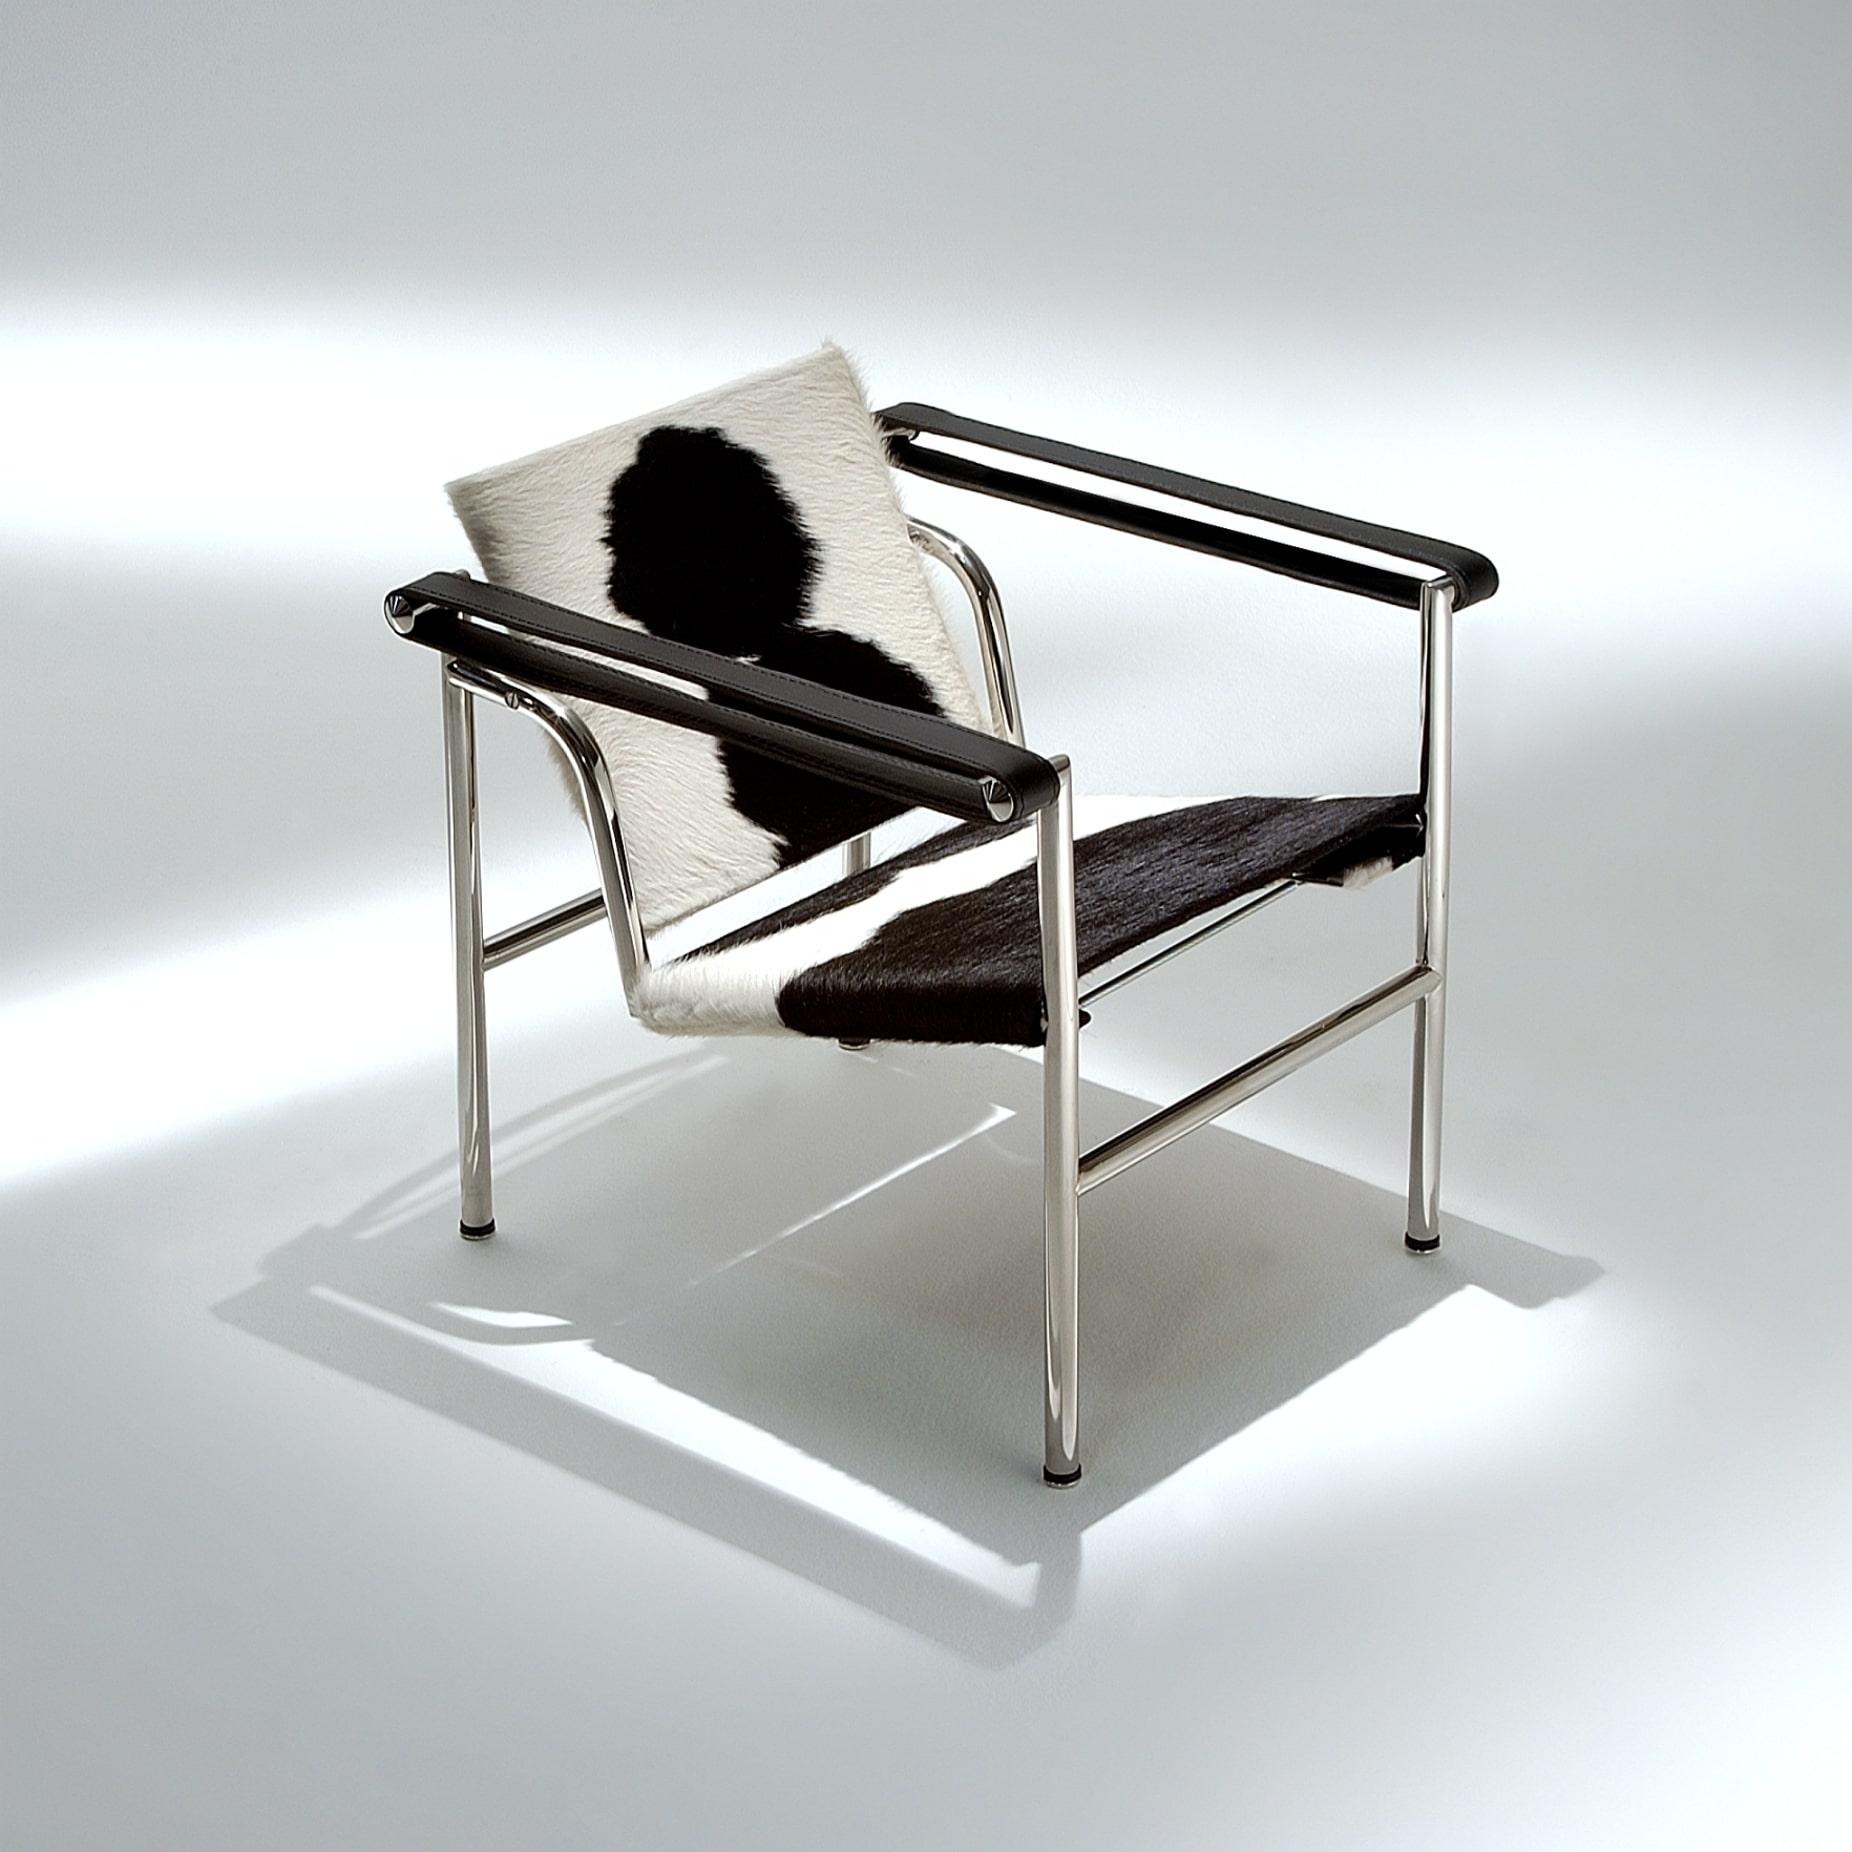 Poltrona LC1 Decorativa Couro Estrutura Aço Inox Studio Mais Design by Le Corbusier